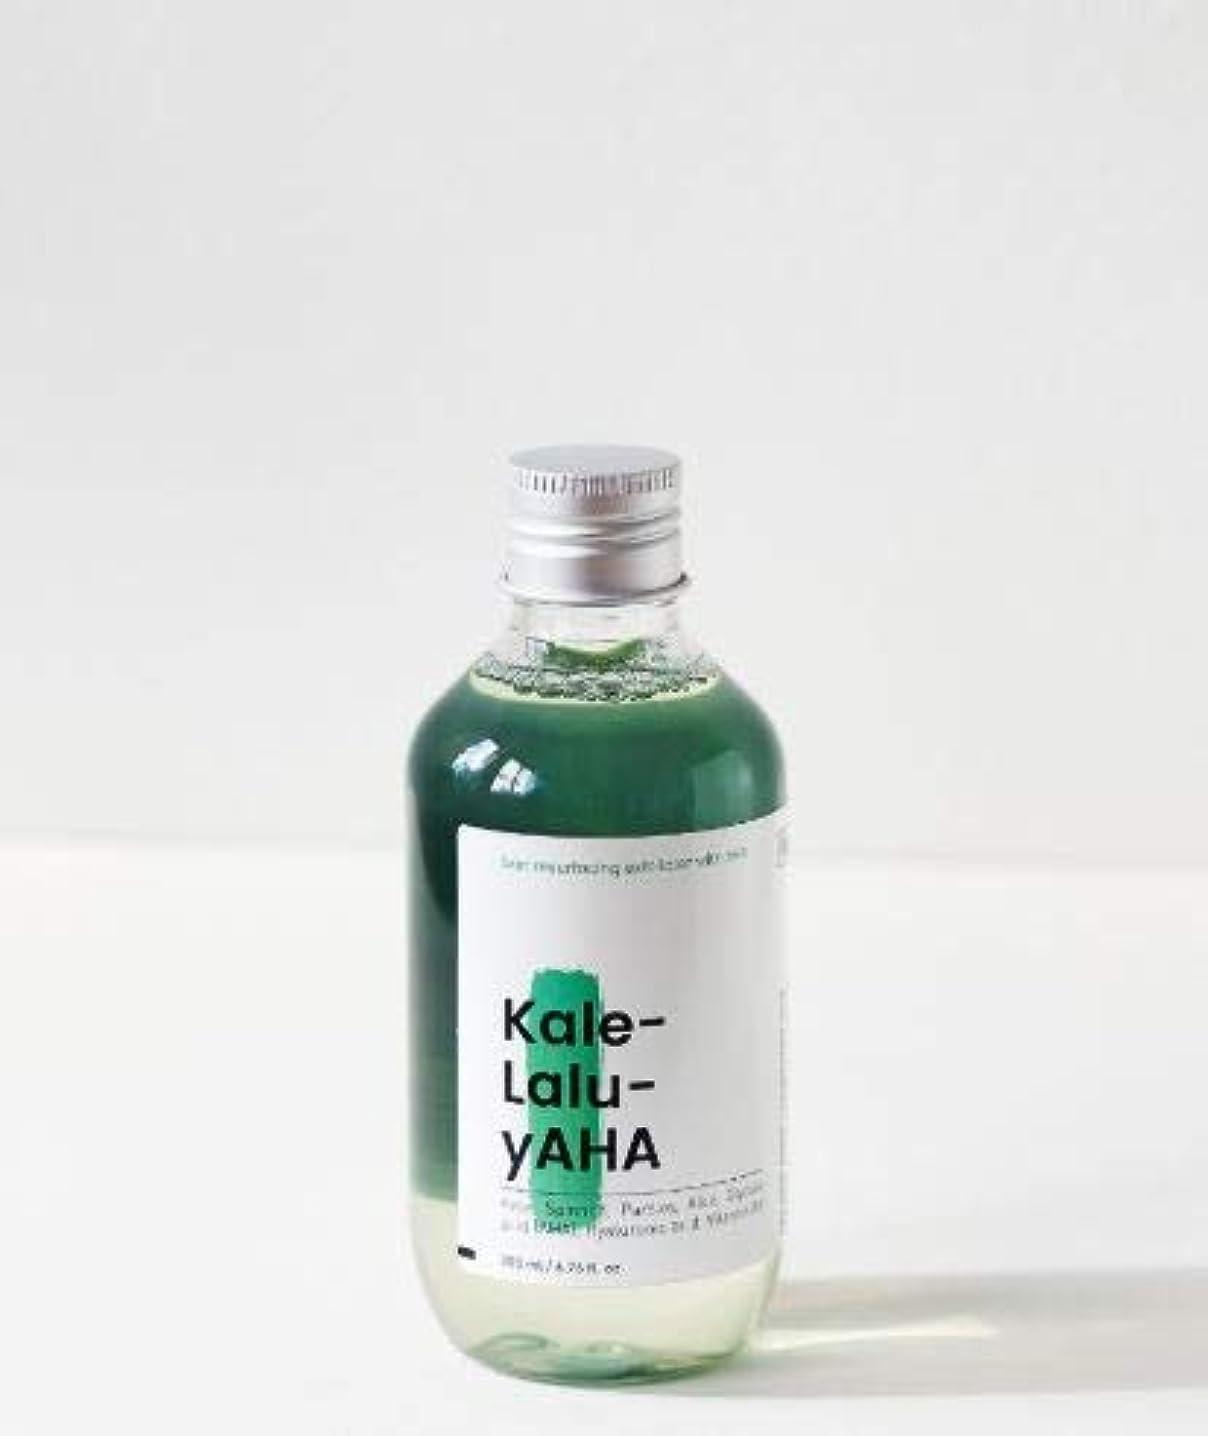 熟読学部長虫[Krave] Kale-lalu-yAHA 200ml / ケイルラルヤ 200ml [並行輸入品]